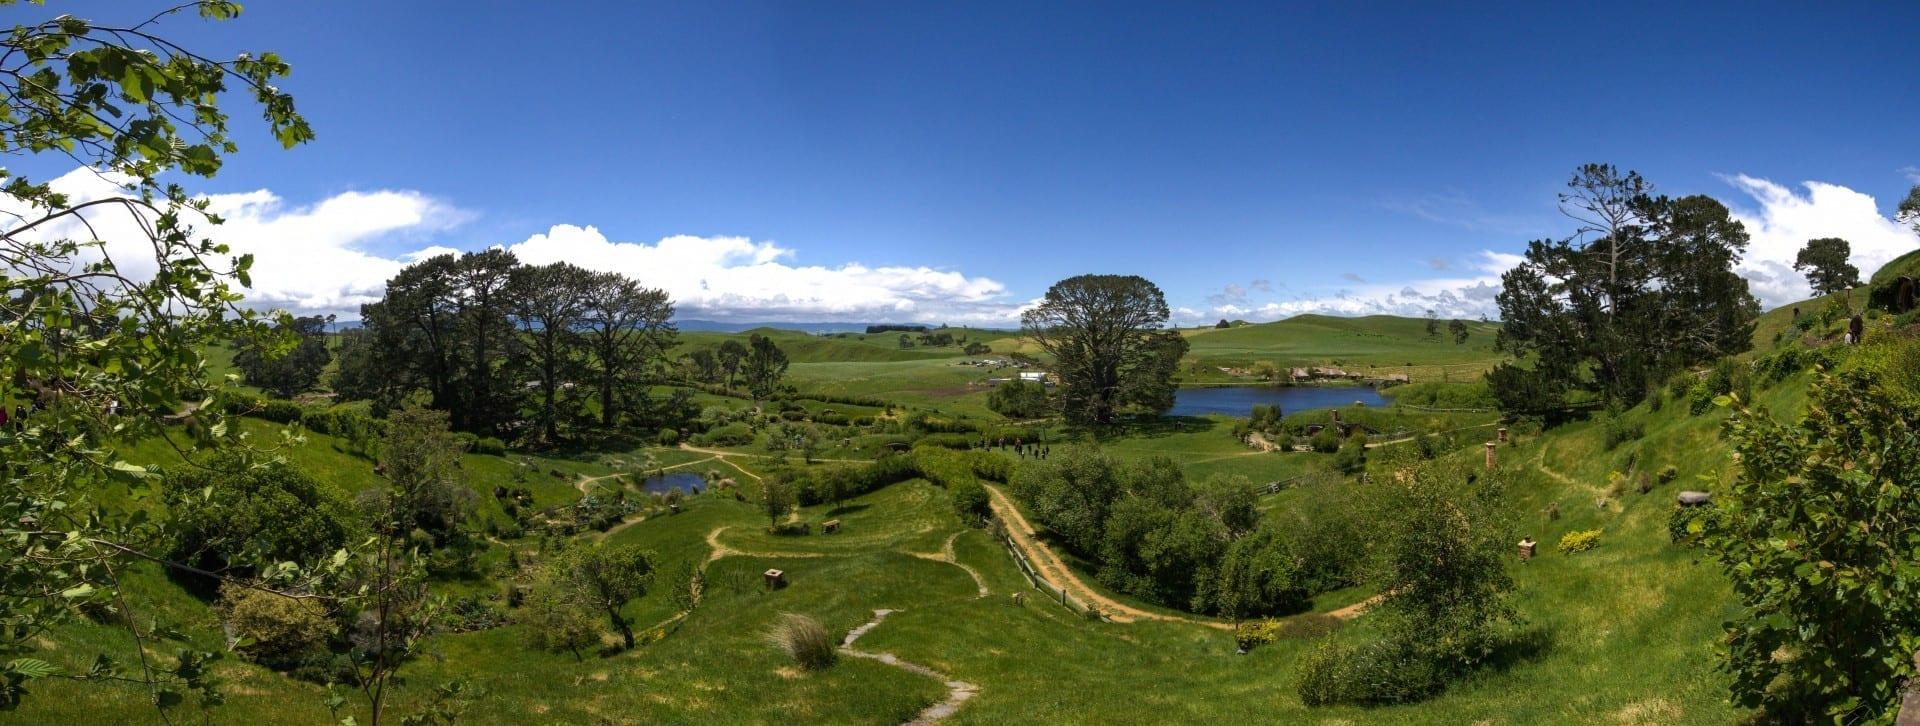 Mirando a Hobbiton, Matamata Tauranga Nueva Zelanda